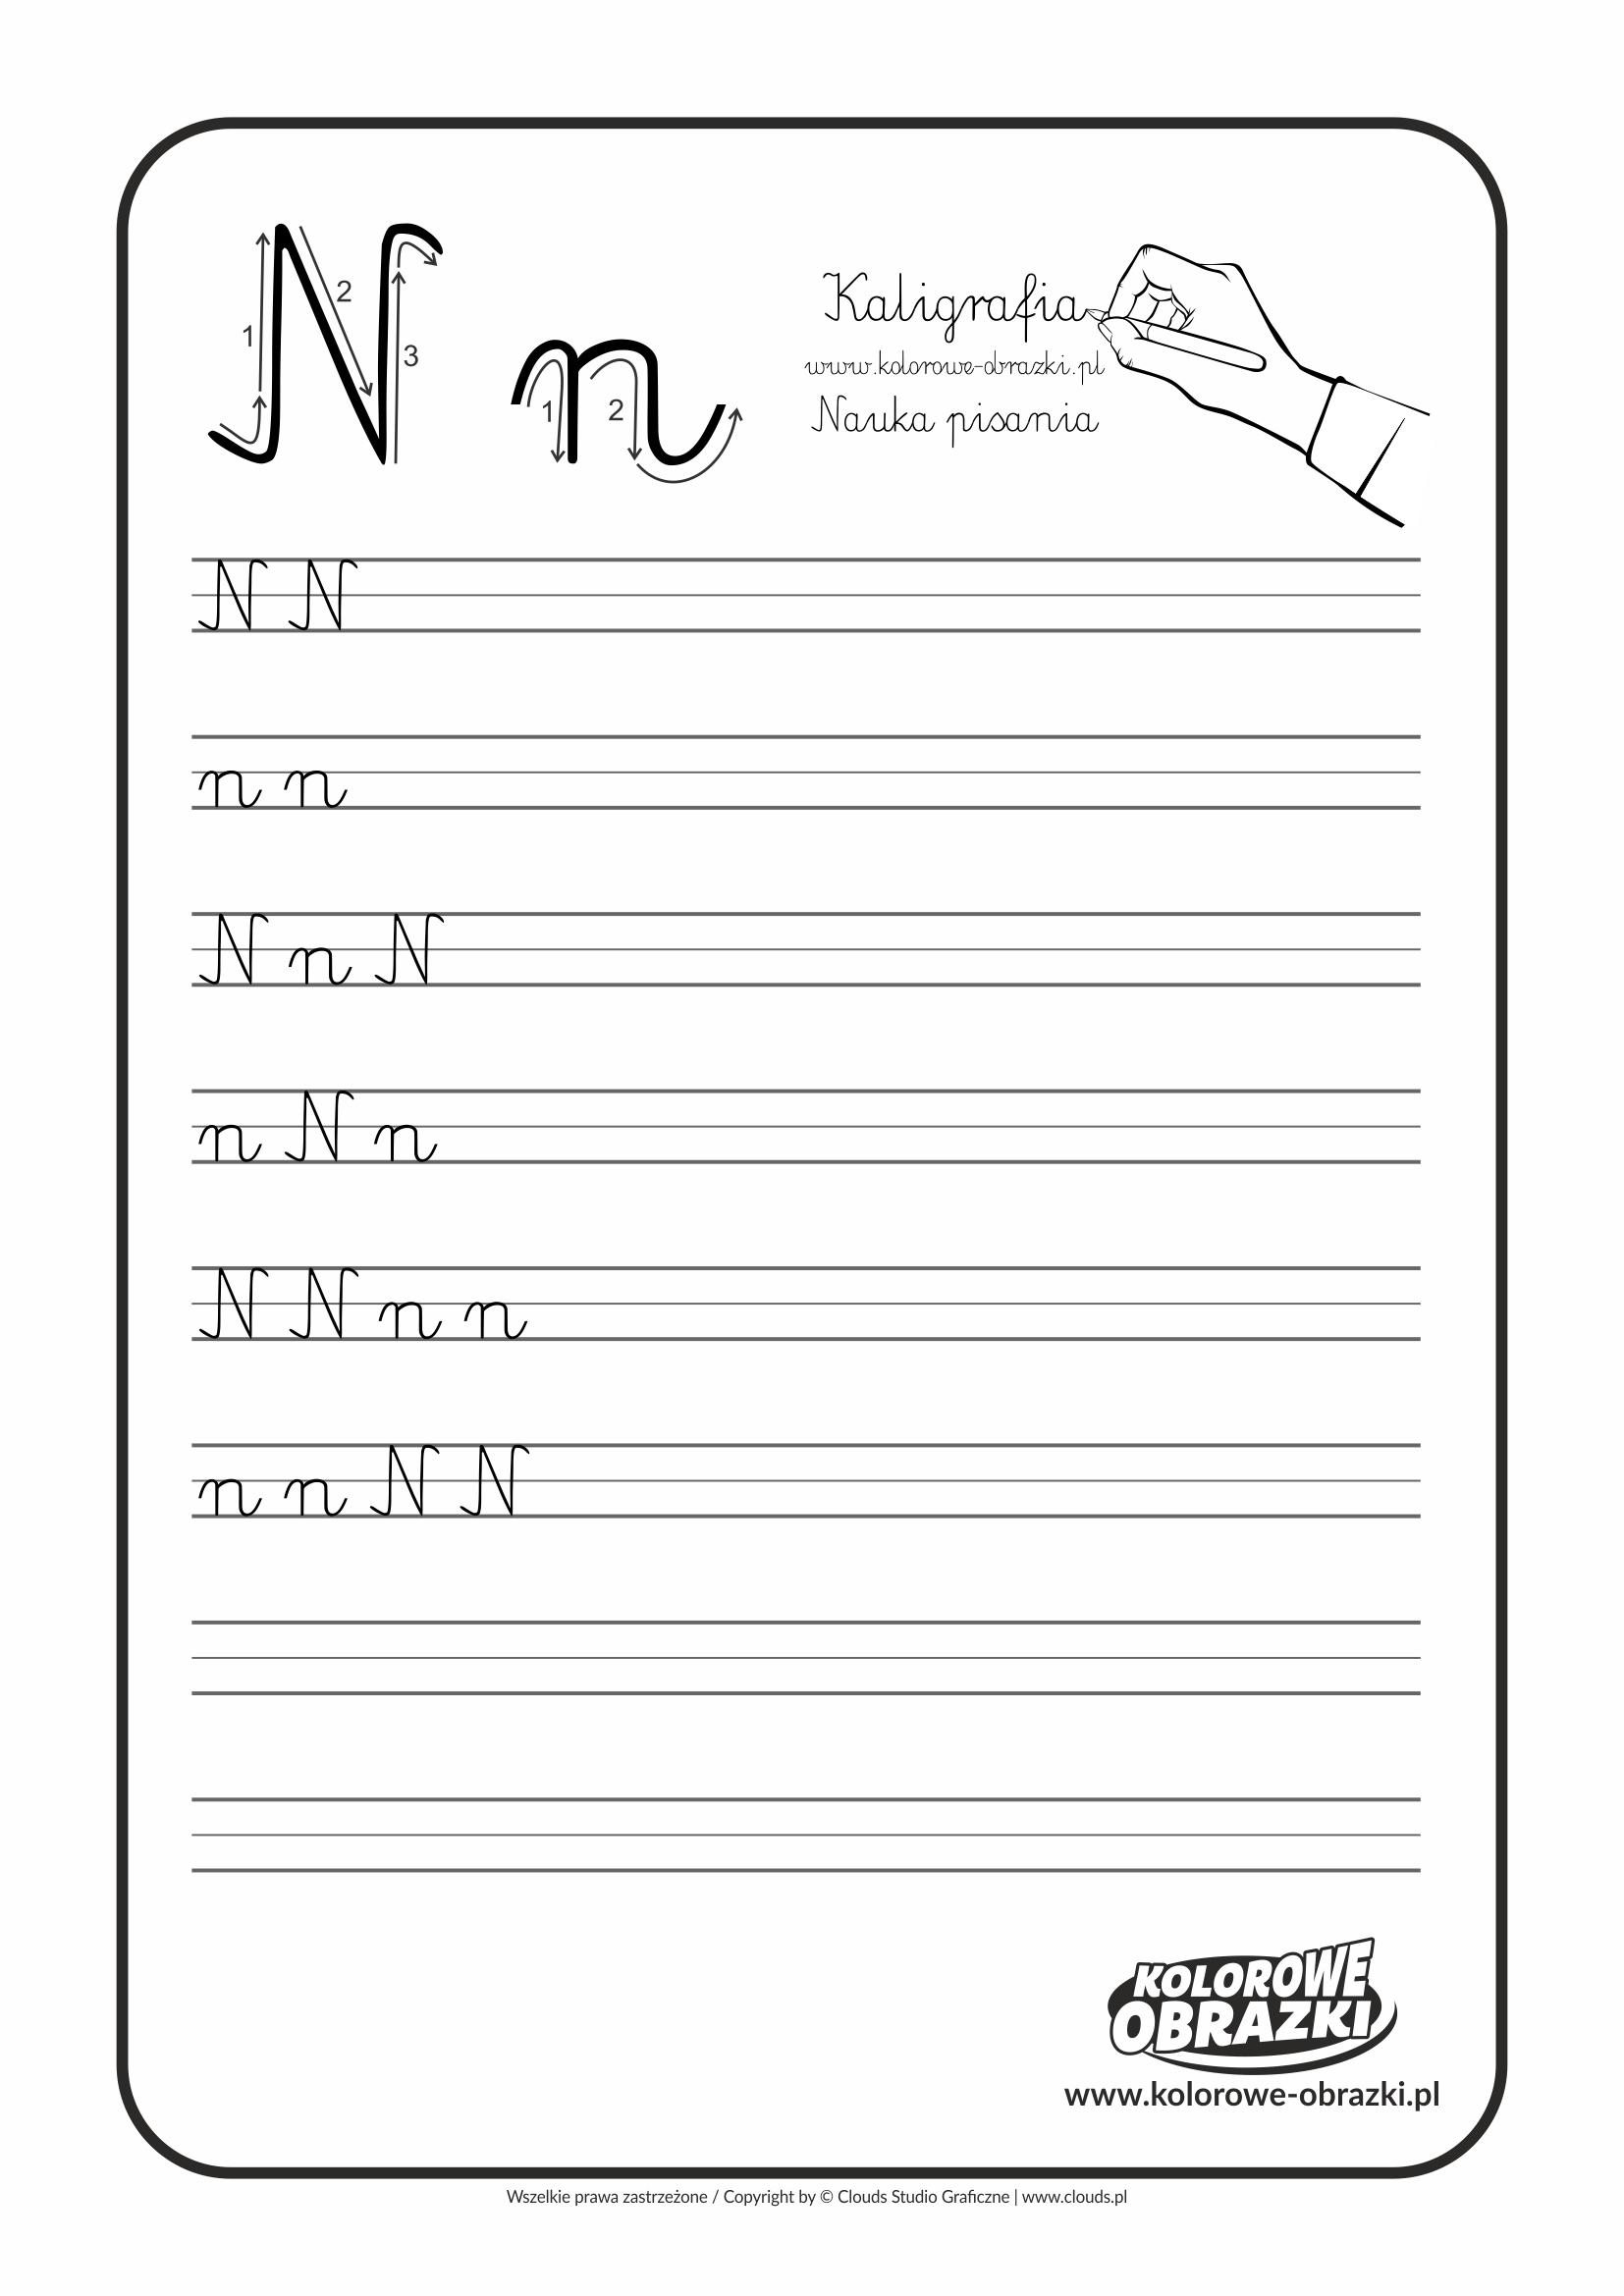 Kaligrafia dla dzieci - Ćwiczenia kaligraficzne / Litera N. Nauka pisania litery N